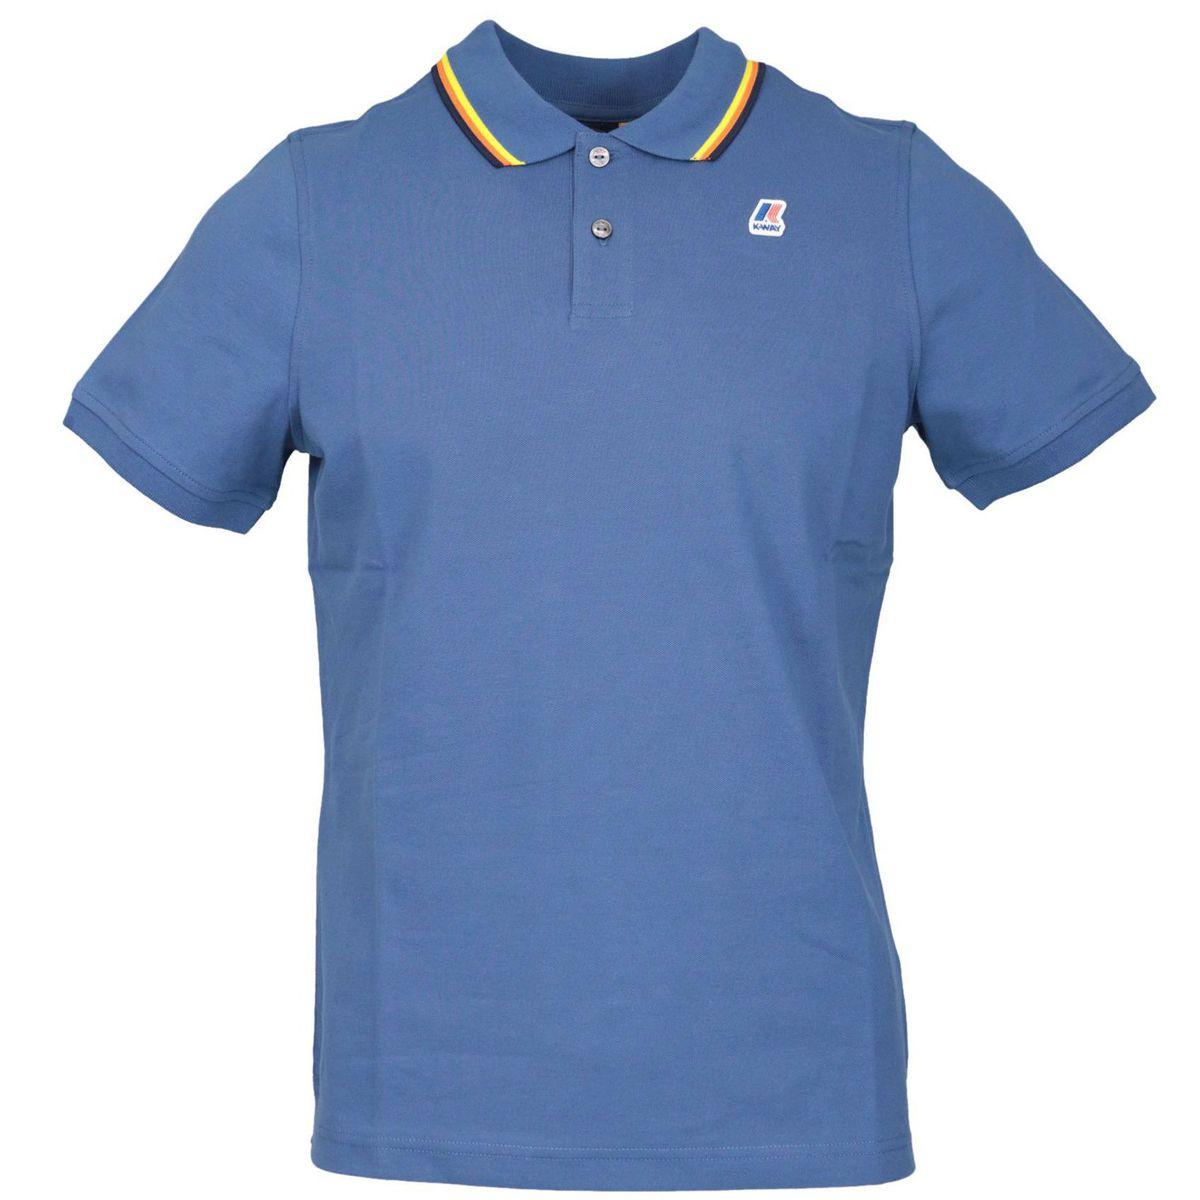 Jude Stripes cotton piqué polo shirt Blue K-Way